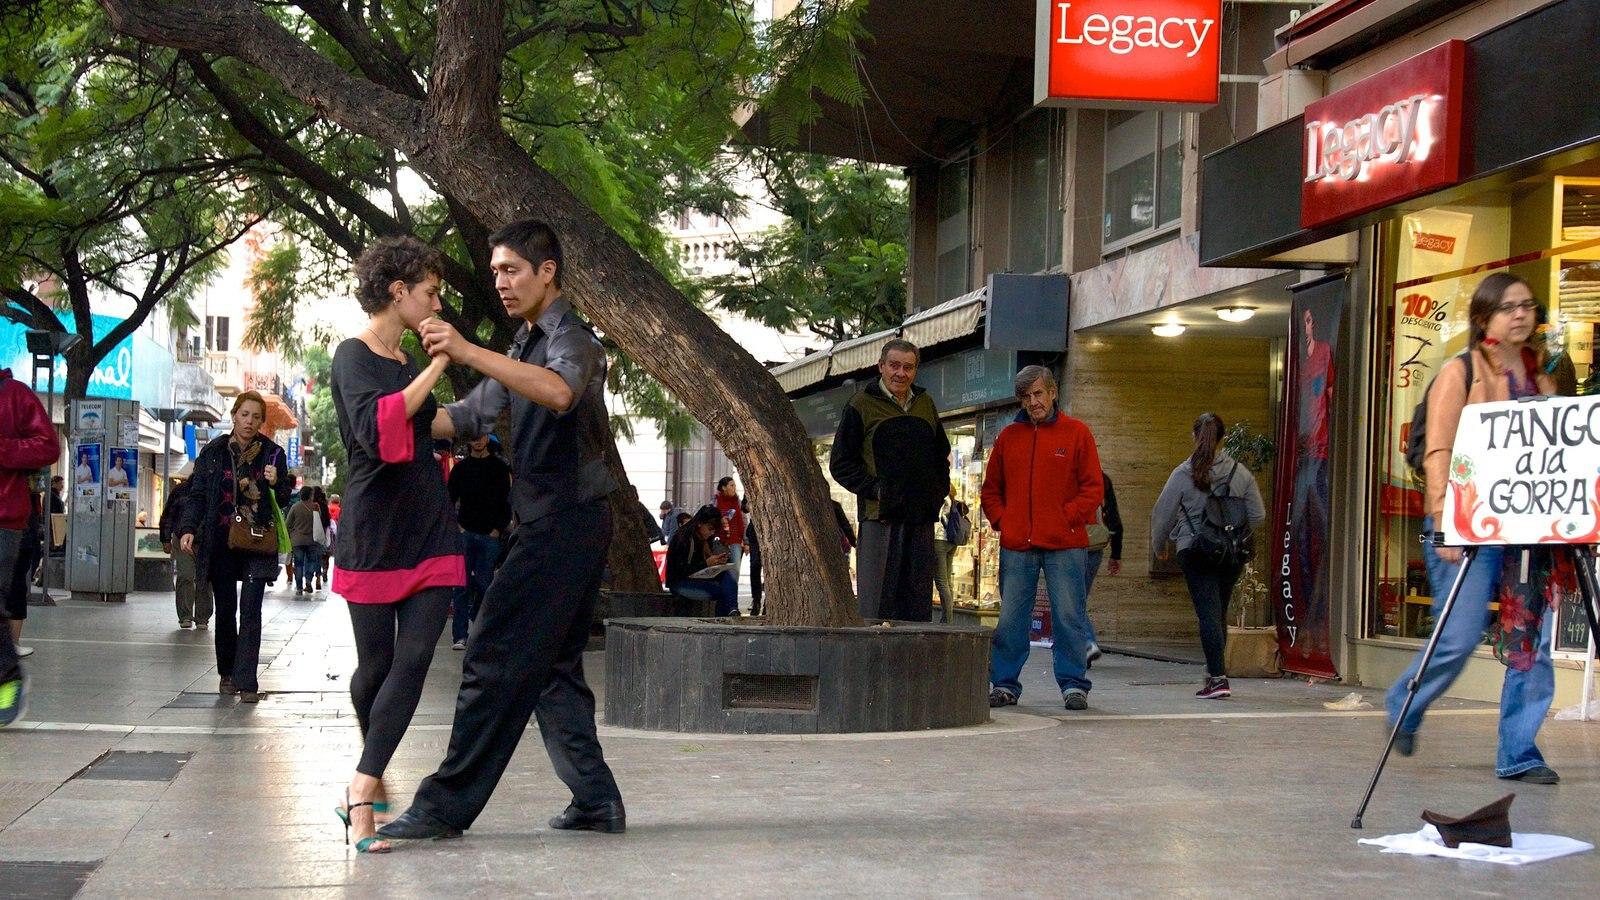 Cordoba caracterizando performance de rua assim como um casal